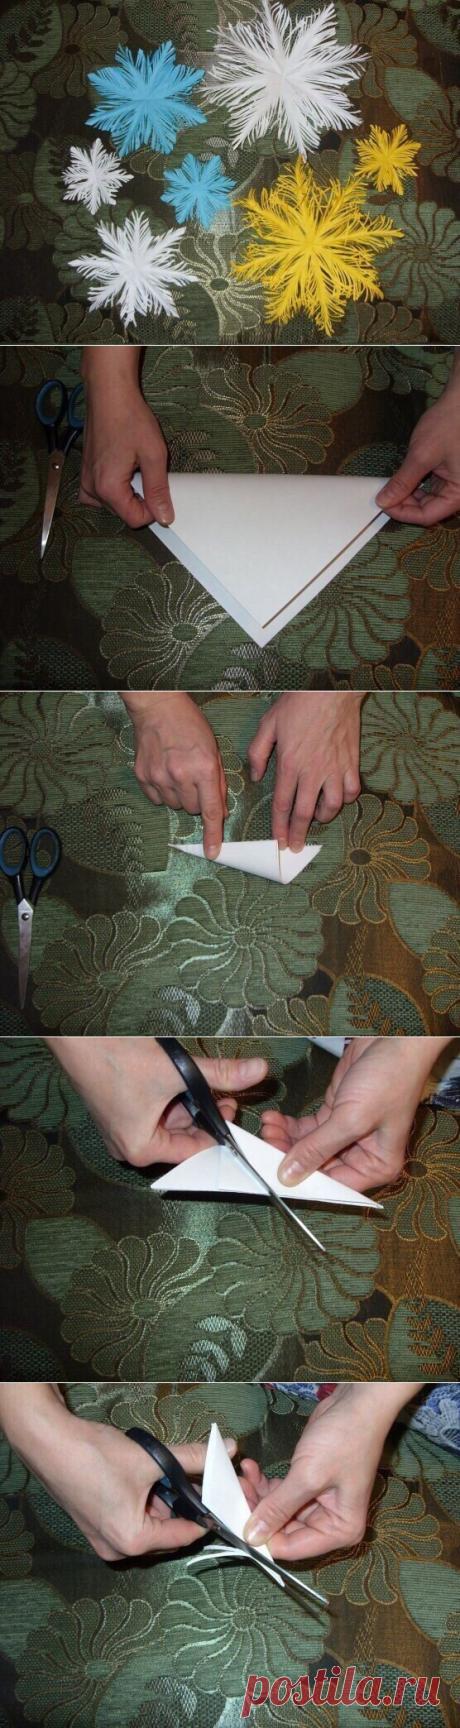 Пушистая снежинка из бумаги. Новогодние украшения из бумаги своими руками |